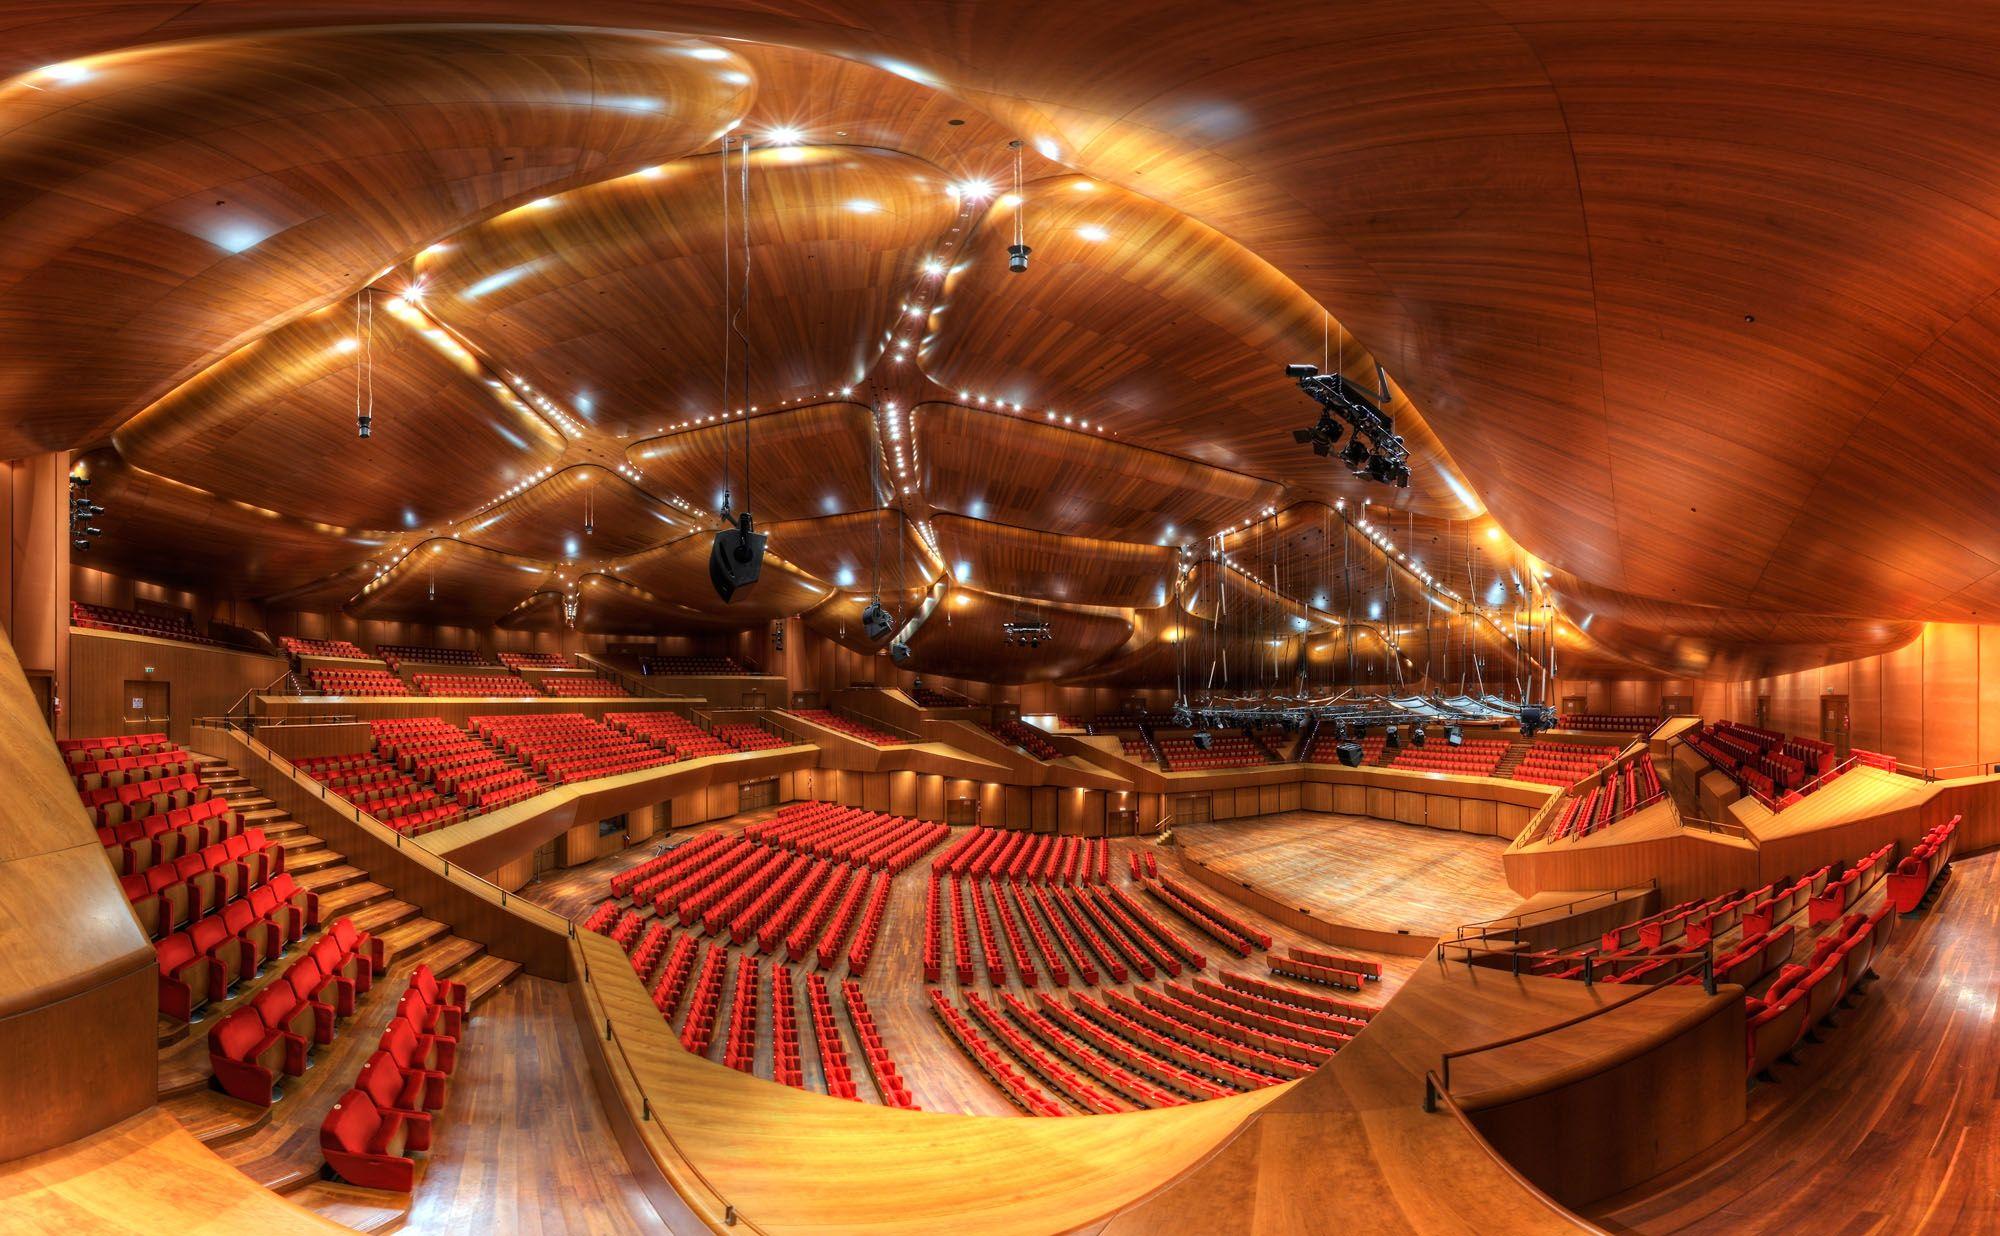 Parco della musica renzo piano renzo piano pinterest for Auditorium parco della musica sala santa cecilia